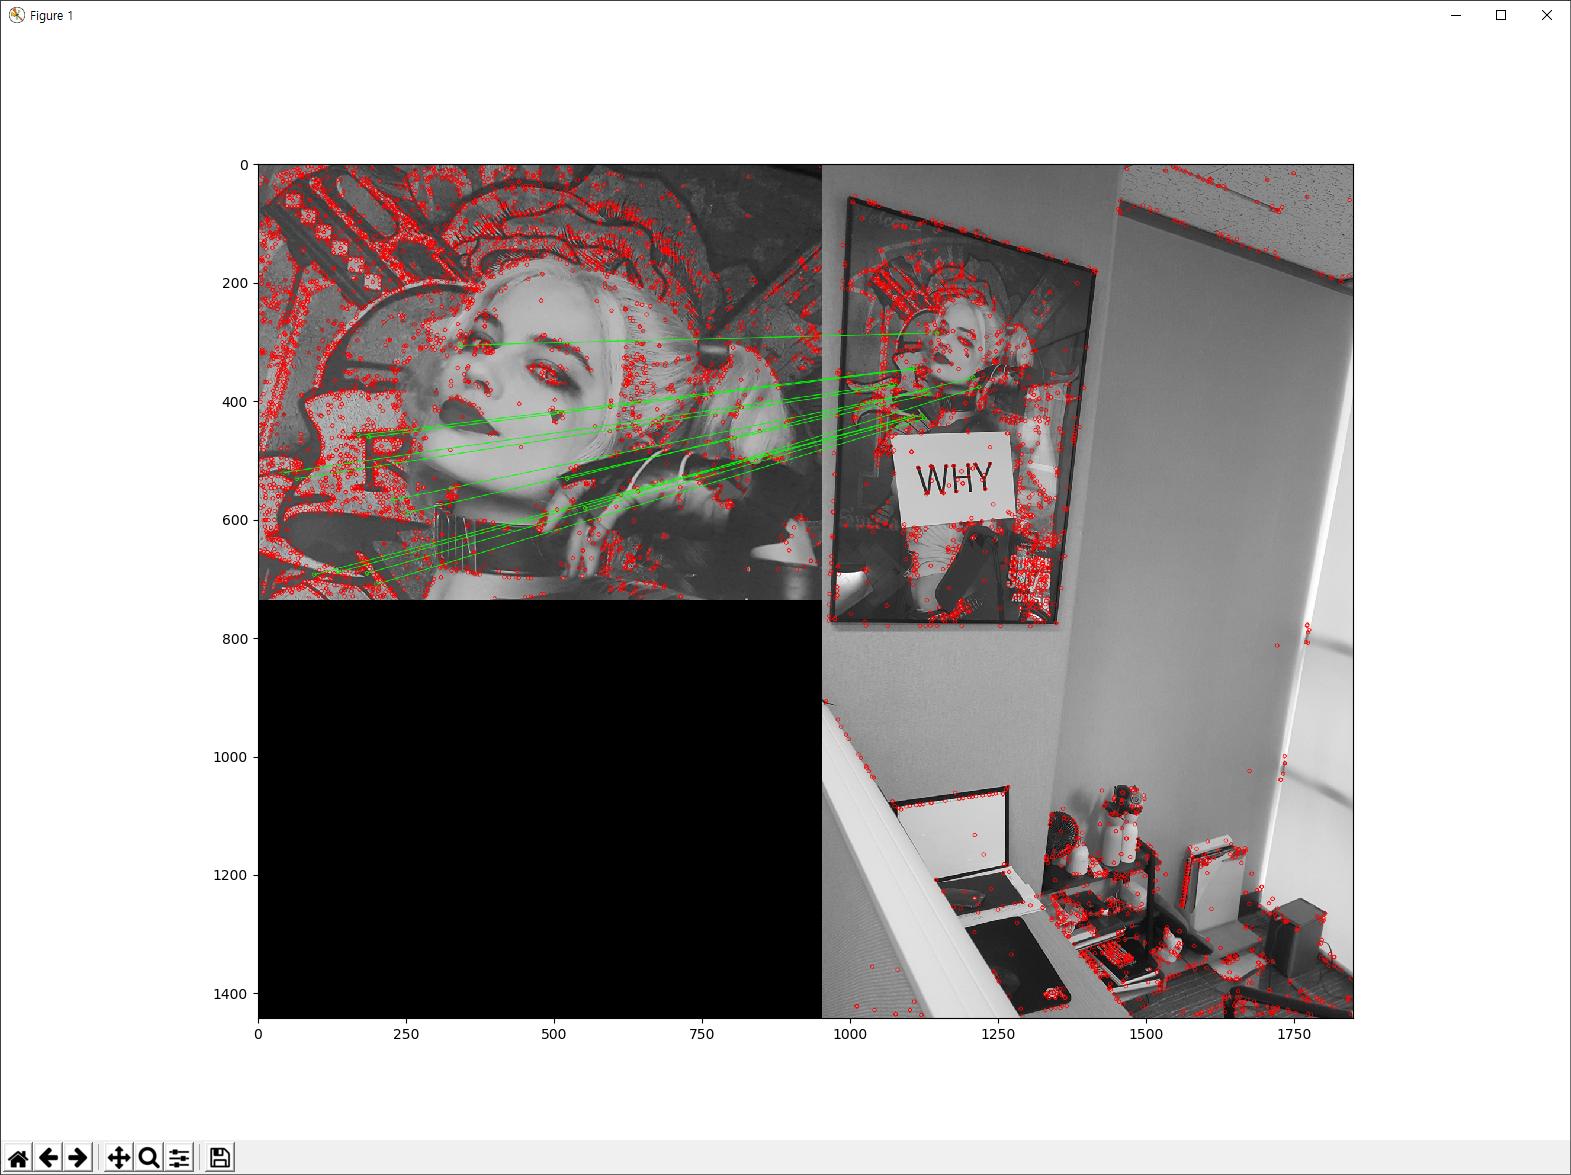 38 : 이미지의 특징점 매칭(Feature Matching)